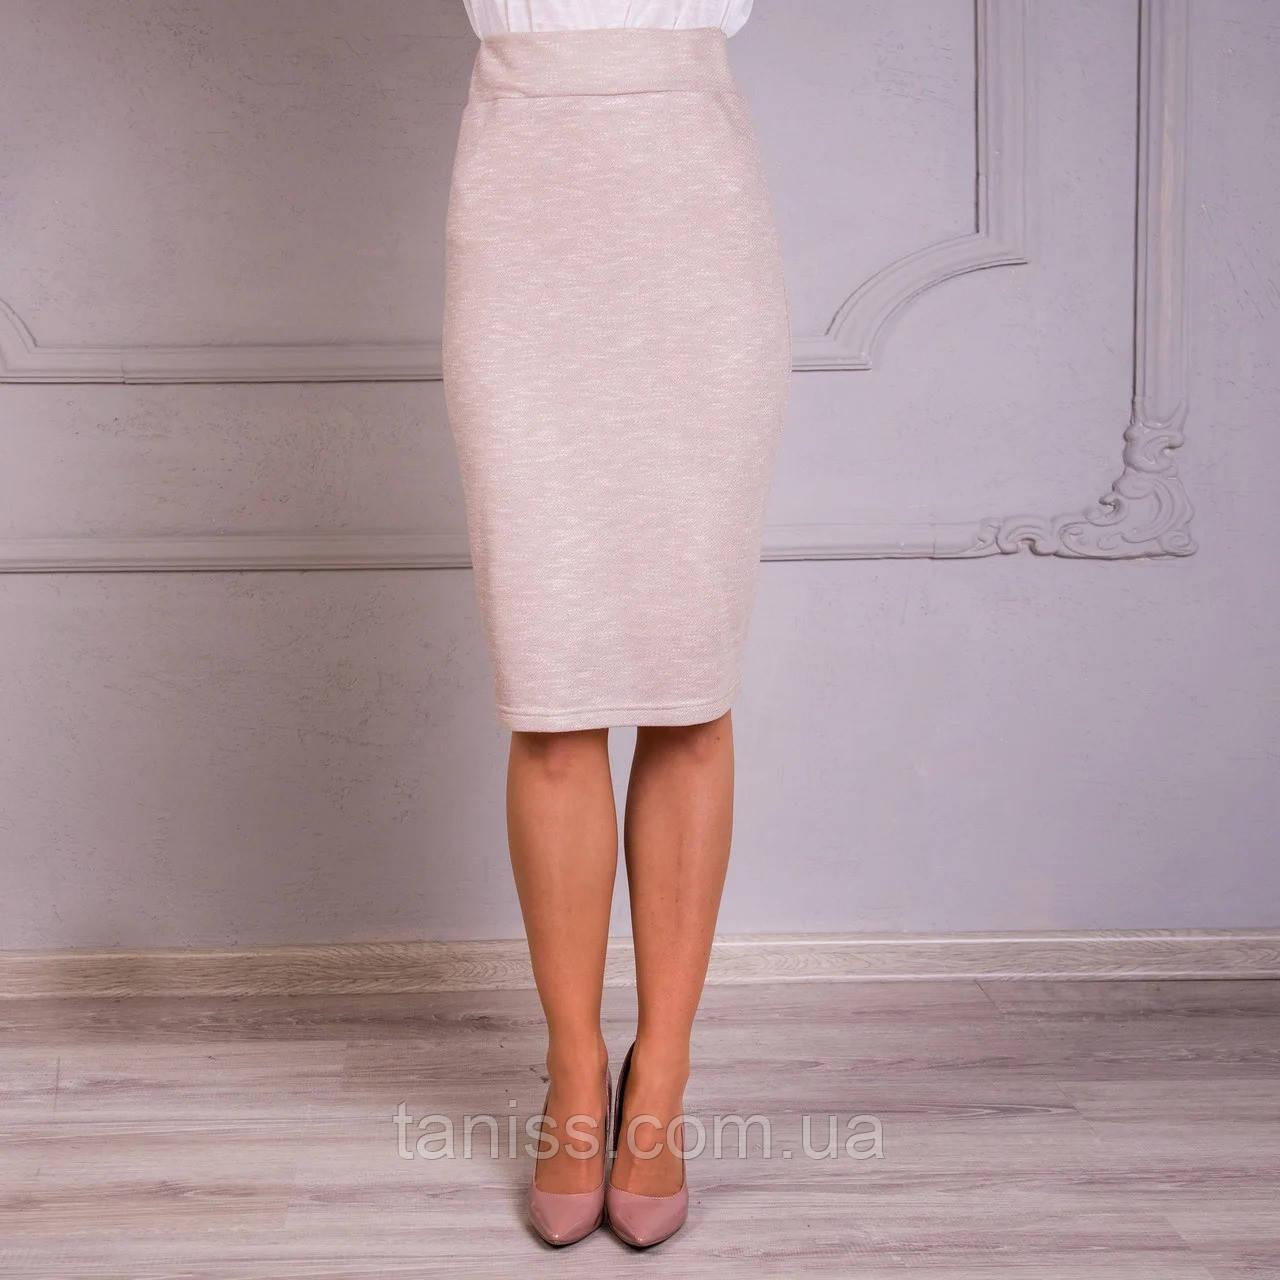 """Жіноча класична спідниця """" Афіна """", тканина трикотаж , р-р 44,64,48,50,52,54 , беж, спідниця"""